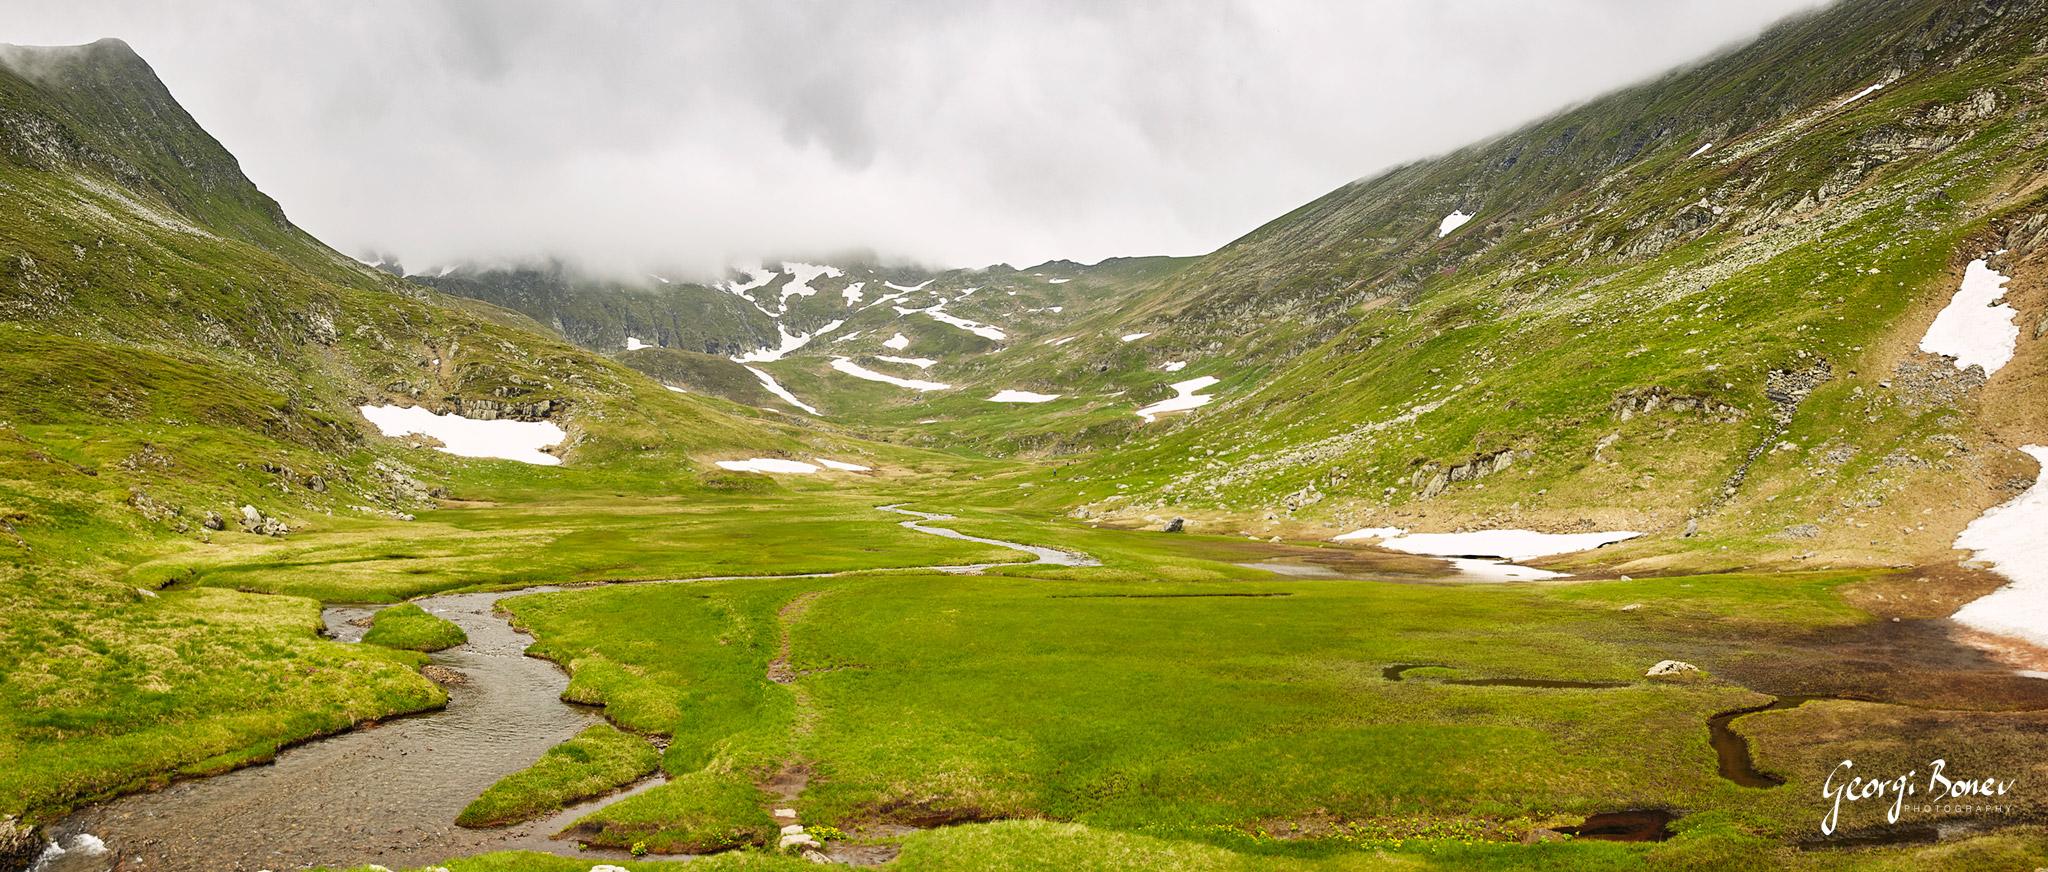 1st terasse on the way to Moldoveanu Peak, Fagaras Mountain, Romania